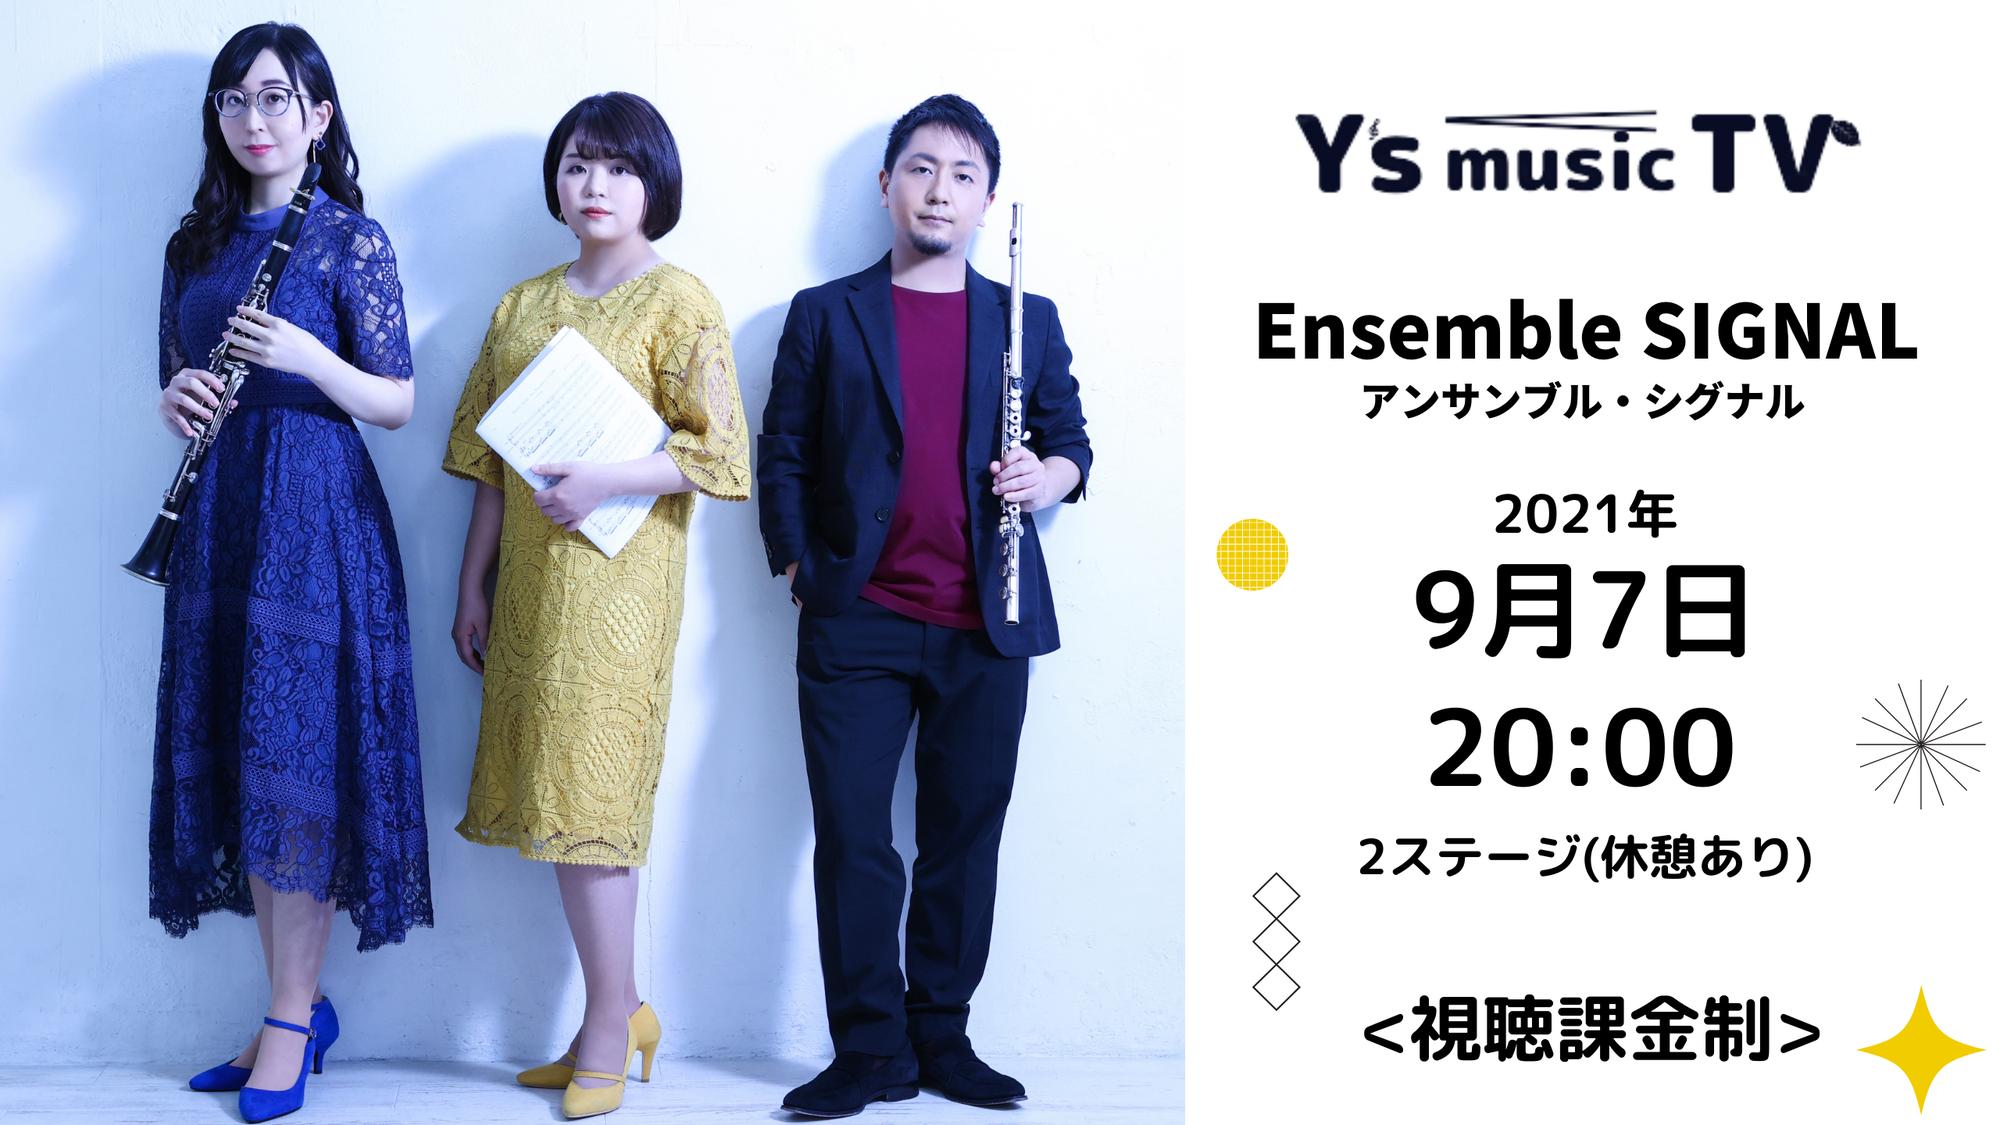 明日のY's music TV Ensemble SIGNALです!2021年9月7日